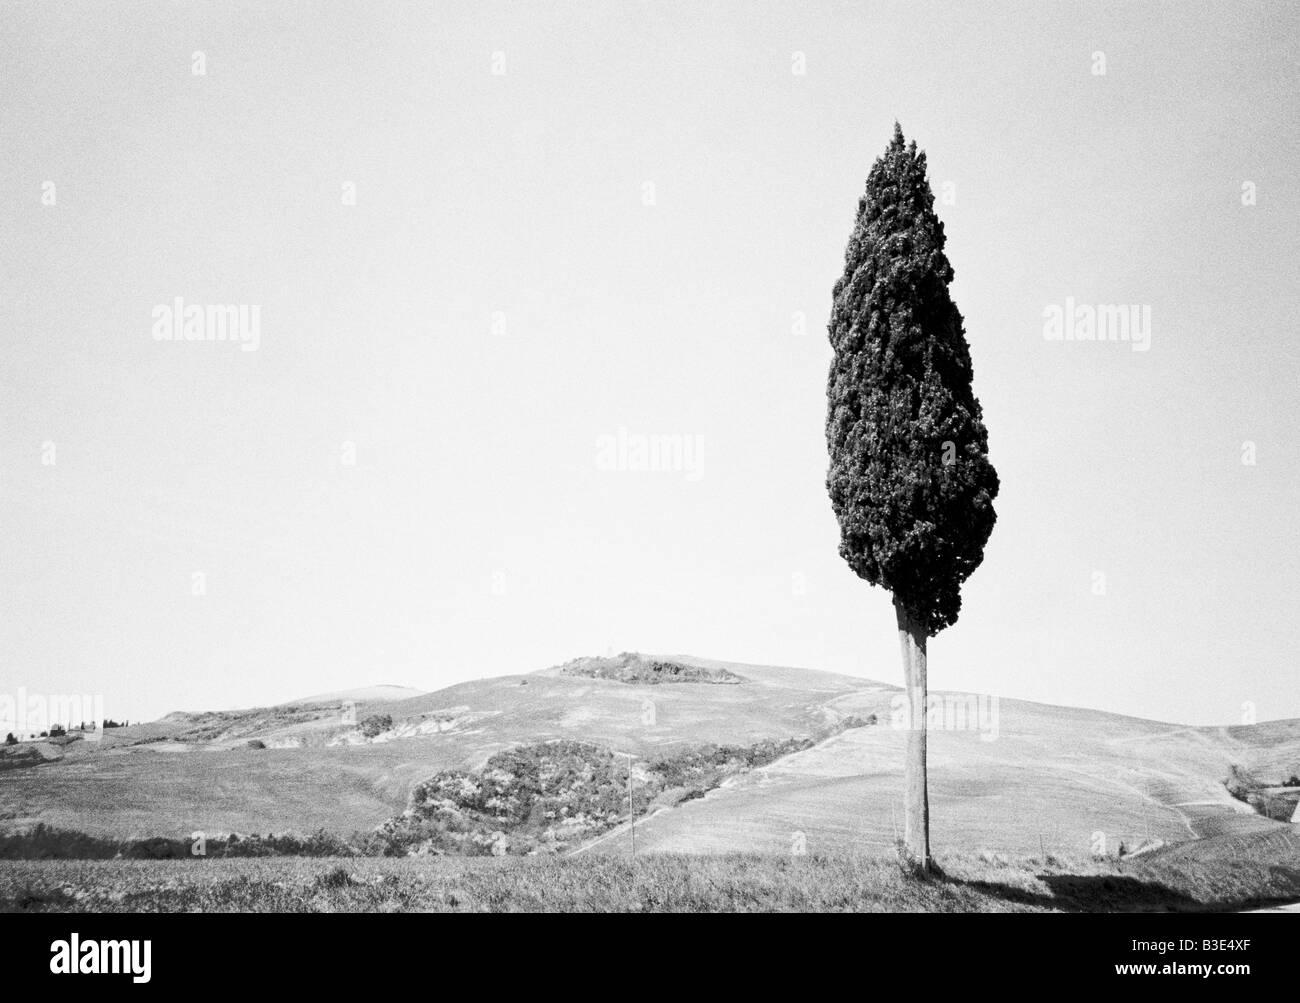 Toscane Italie paysage noir et blanc avec un seul arbre Photo Stock